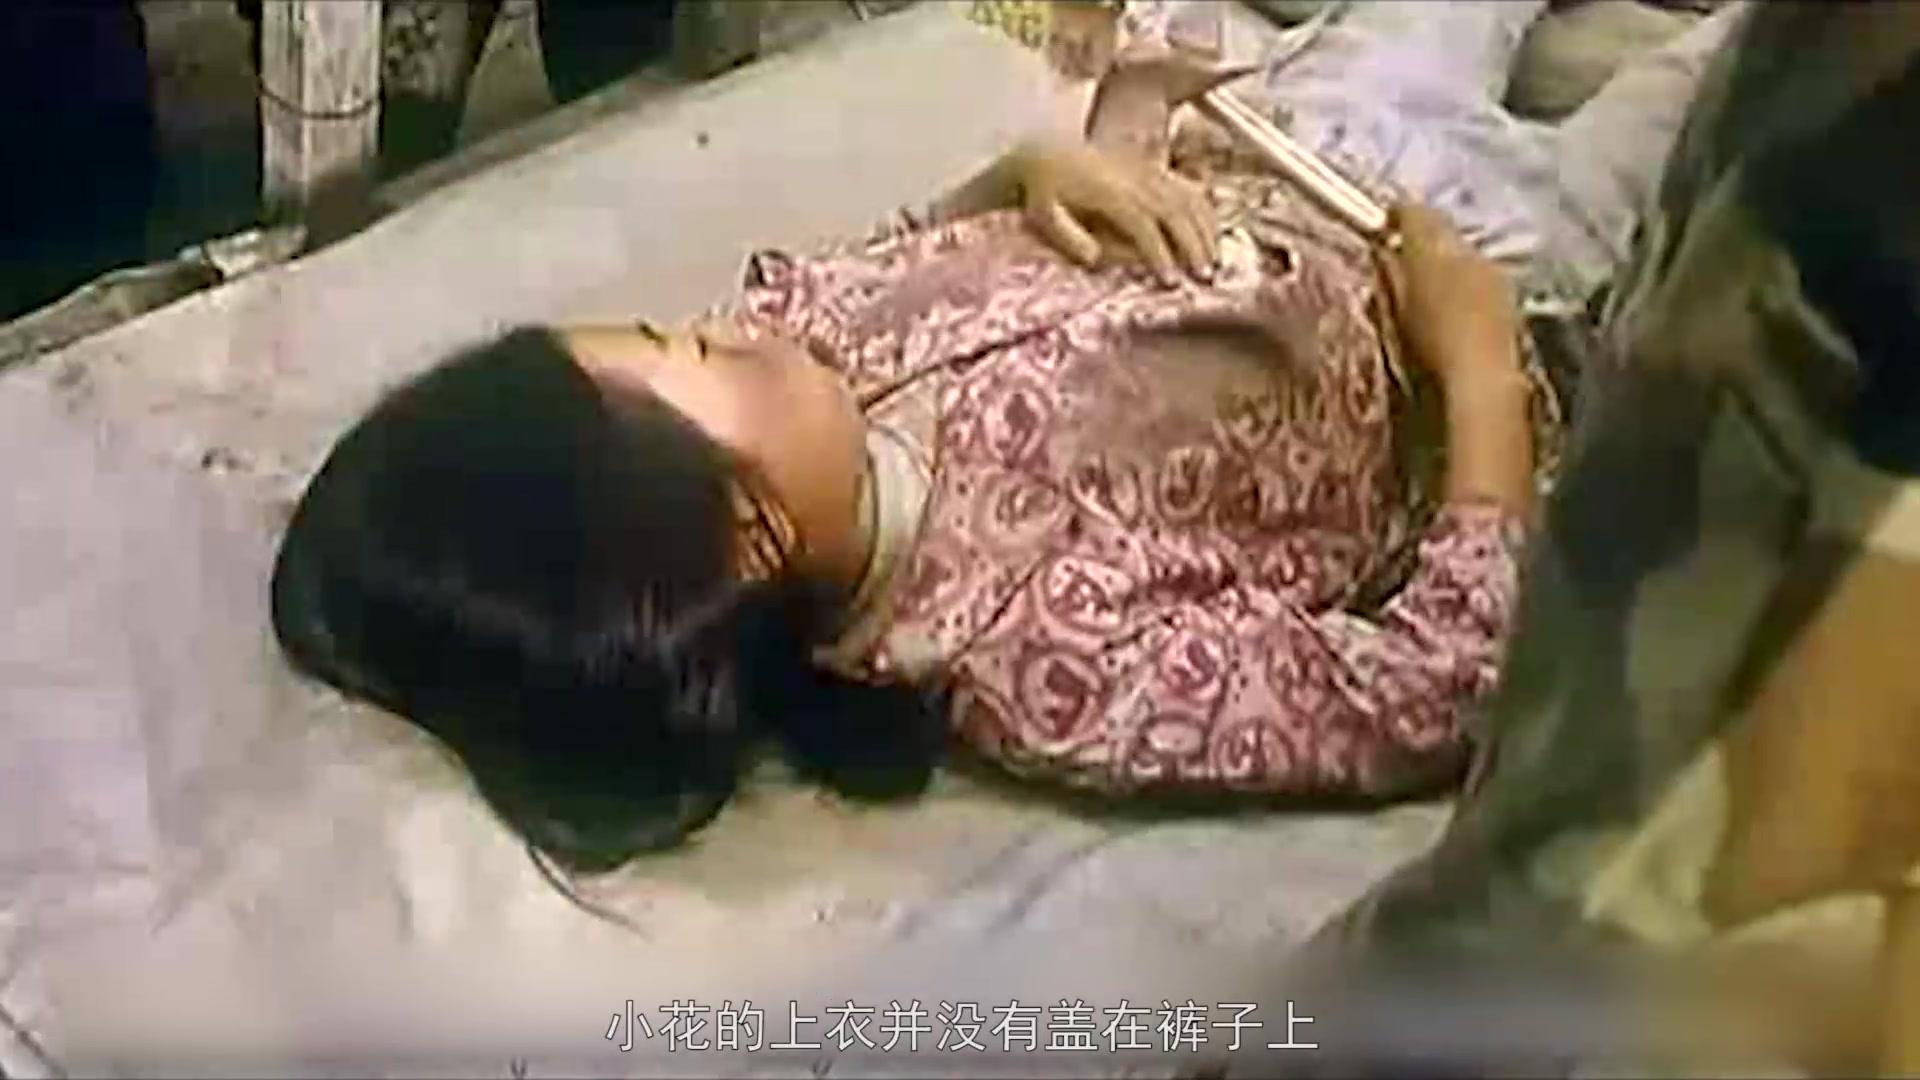 最奇葩的穿帮镜头,杨幂露了啥,这女粉丝扯衣服是故意的吧视频